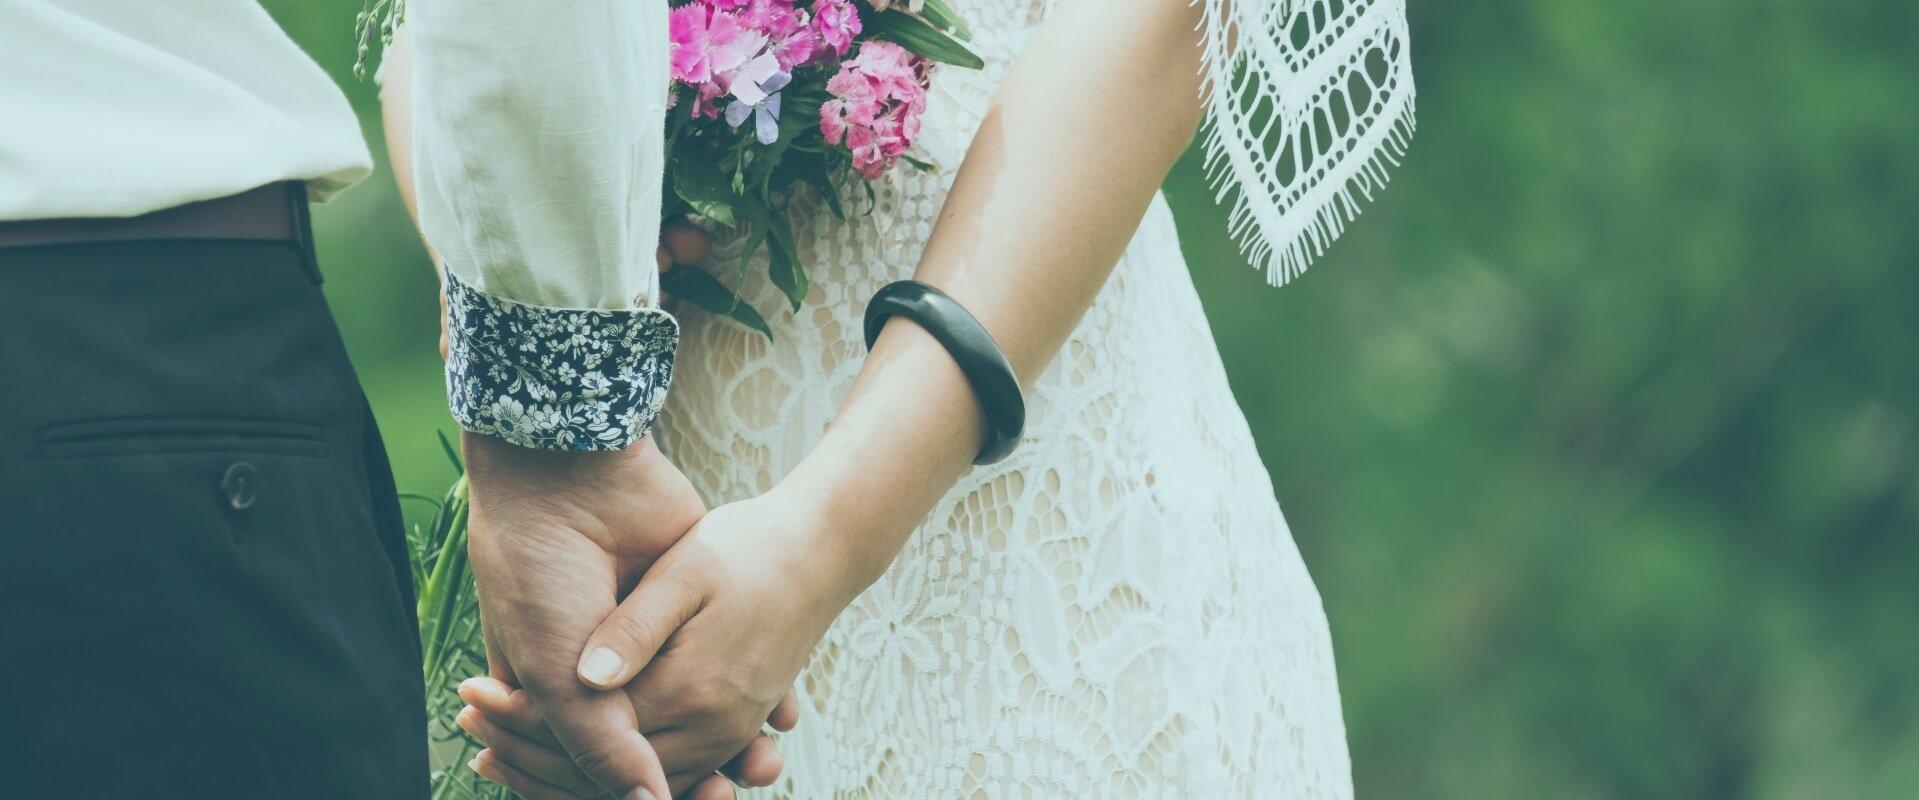 Een bruidspaar dat de handen vasthoud